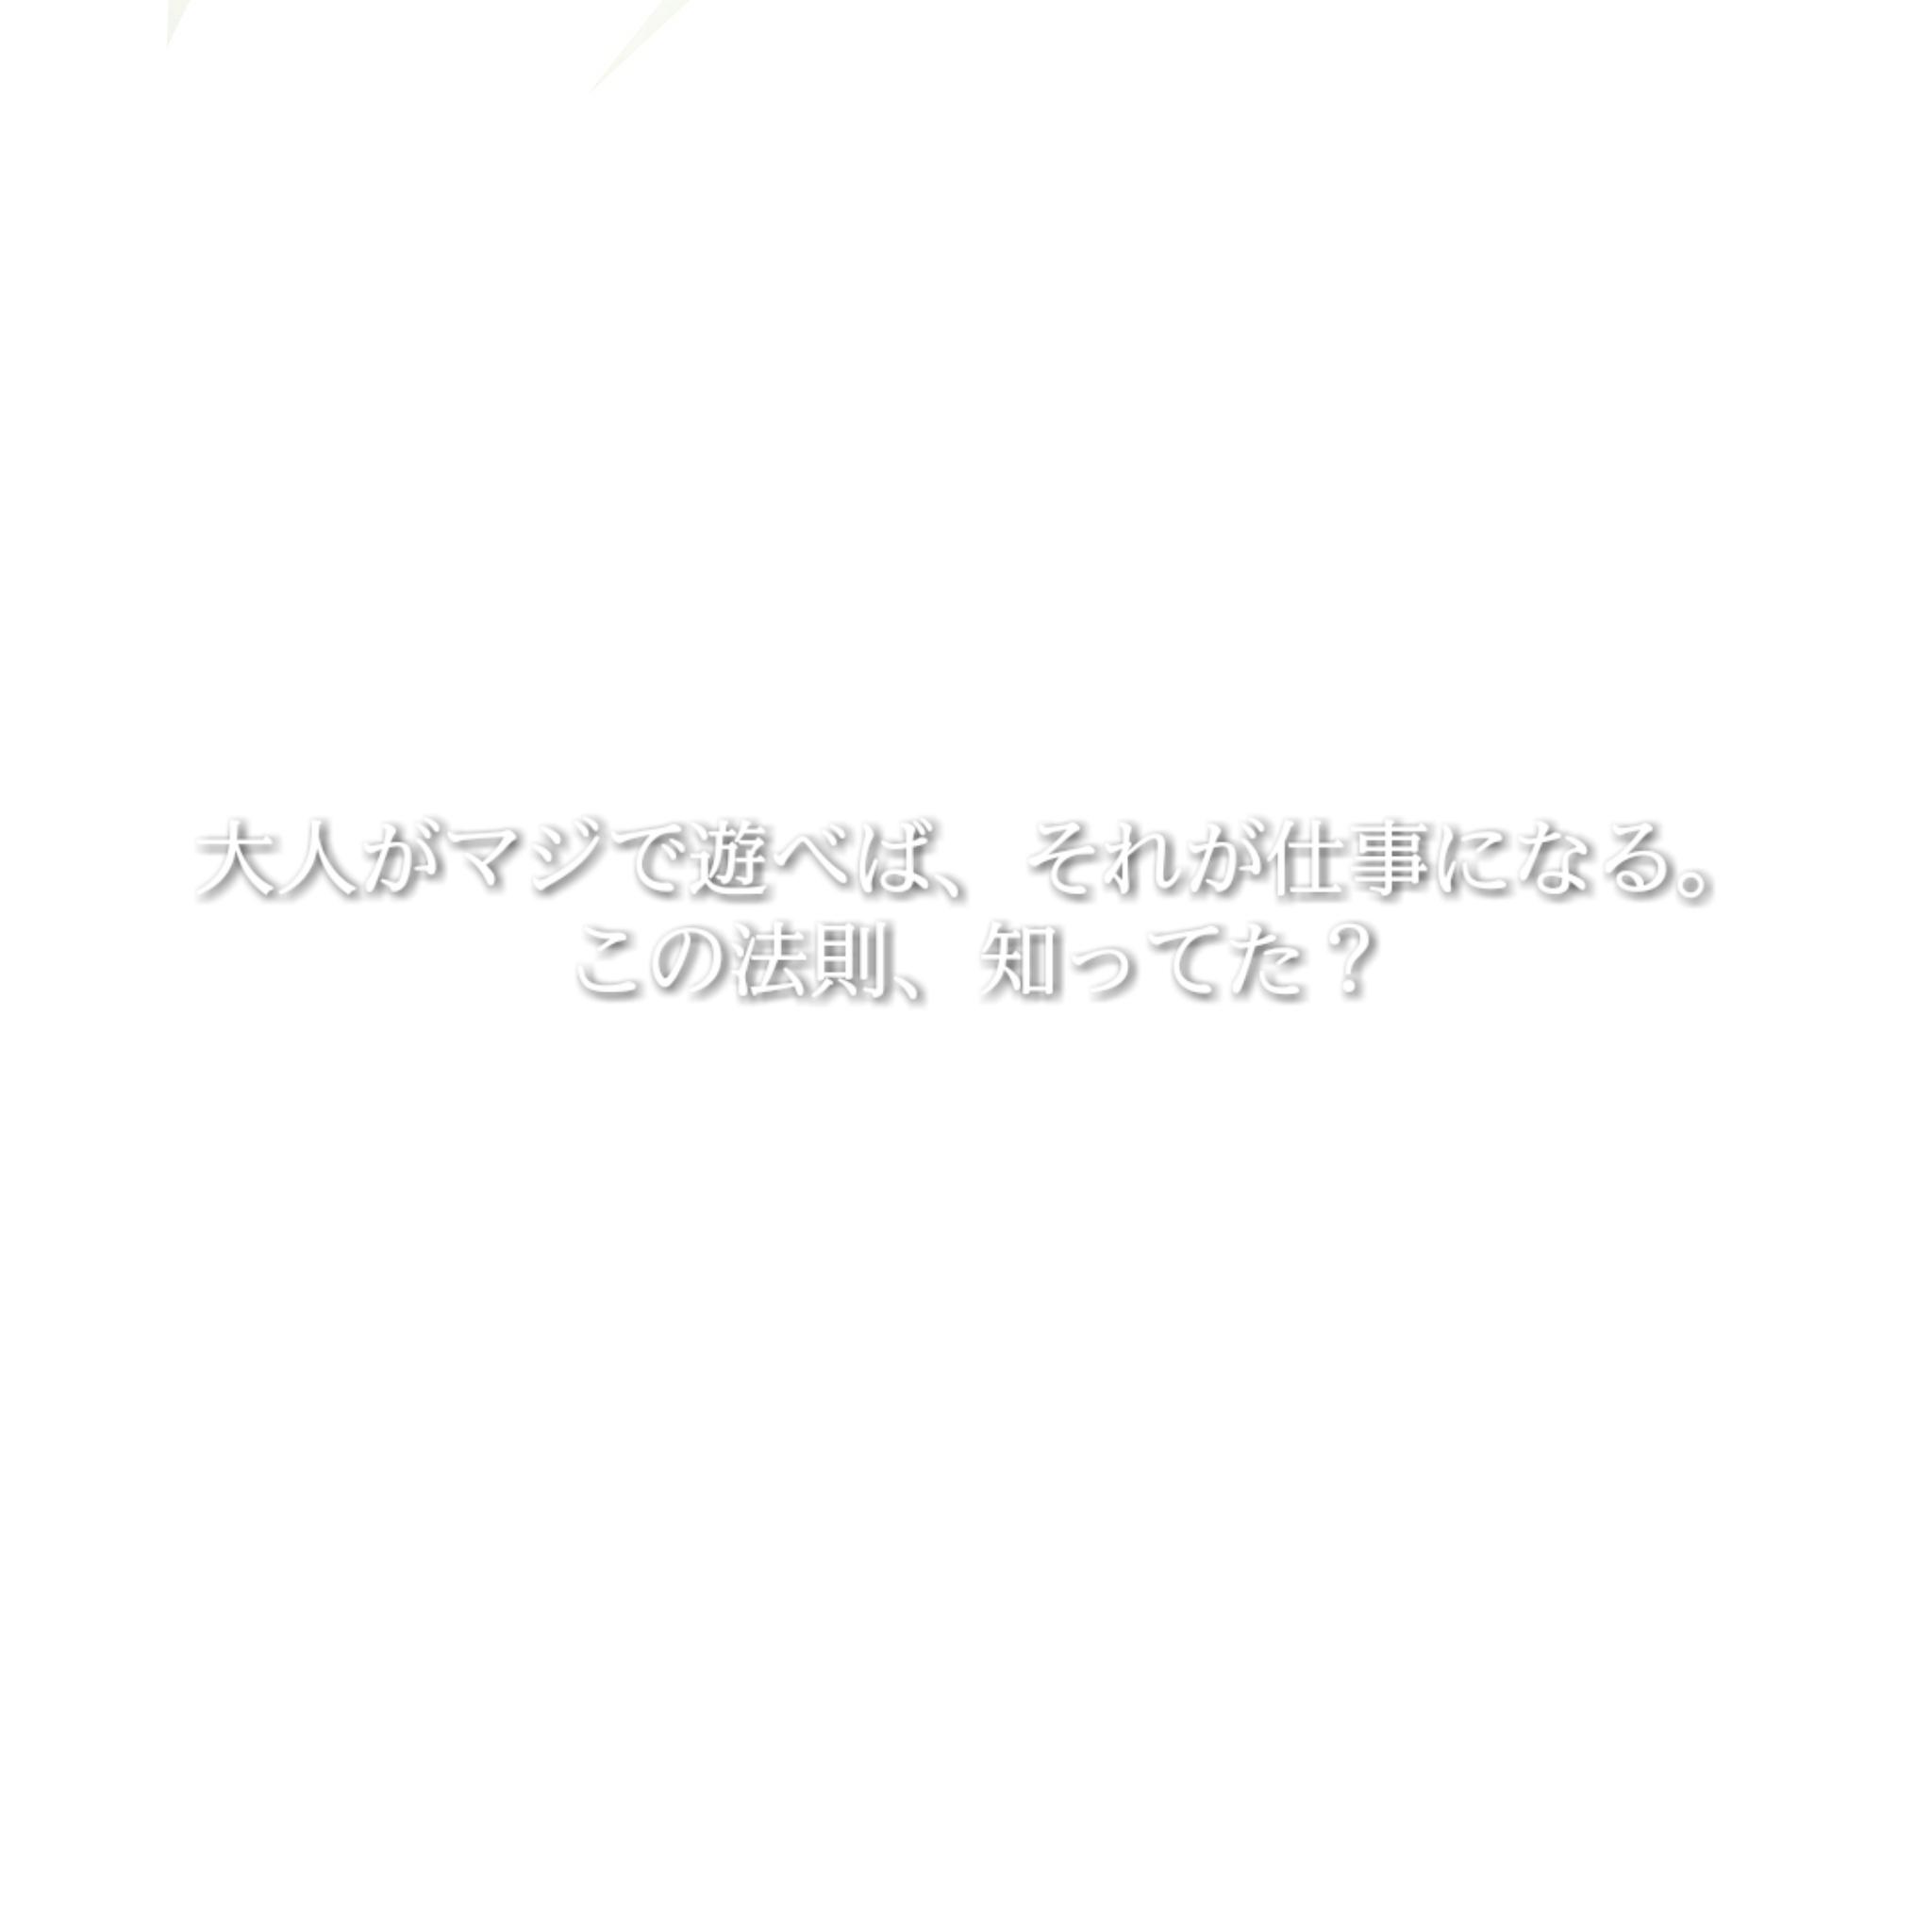 CYMERA_20170427_185036[1]